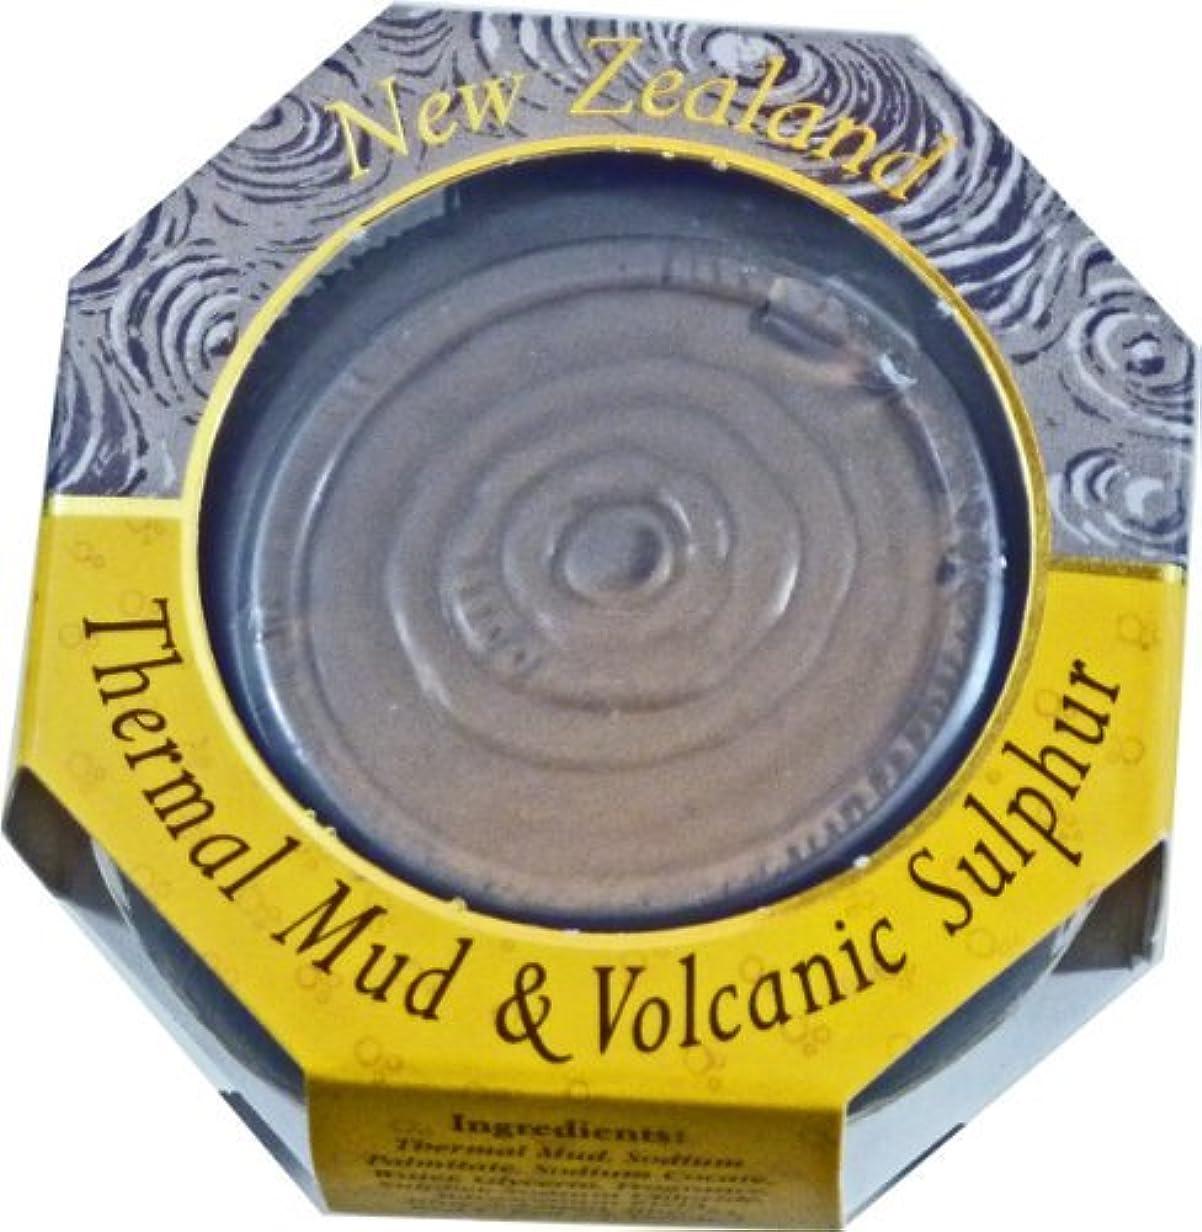 回転エキゾチックセブンSoap Thermal Mud & Sulphur 115g